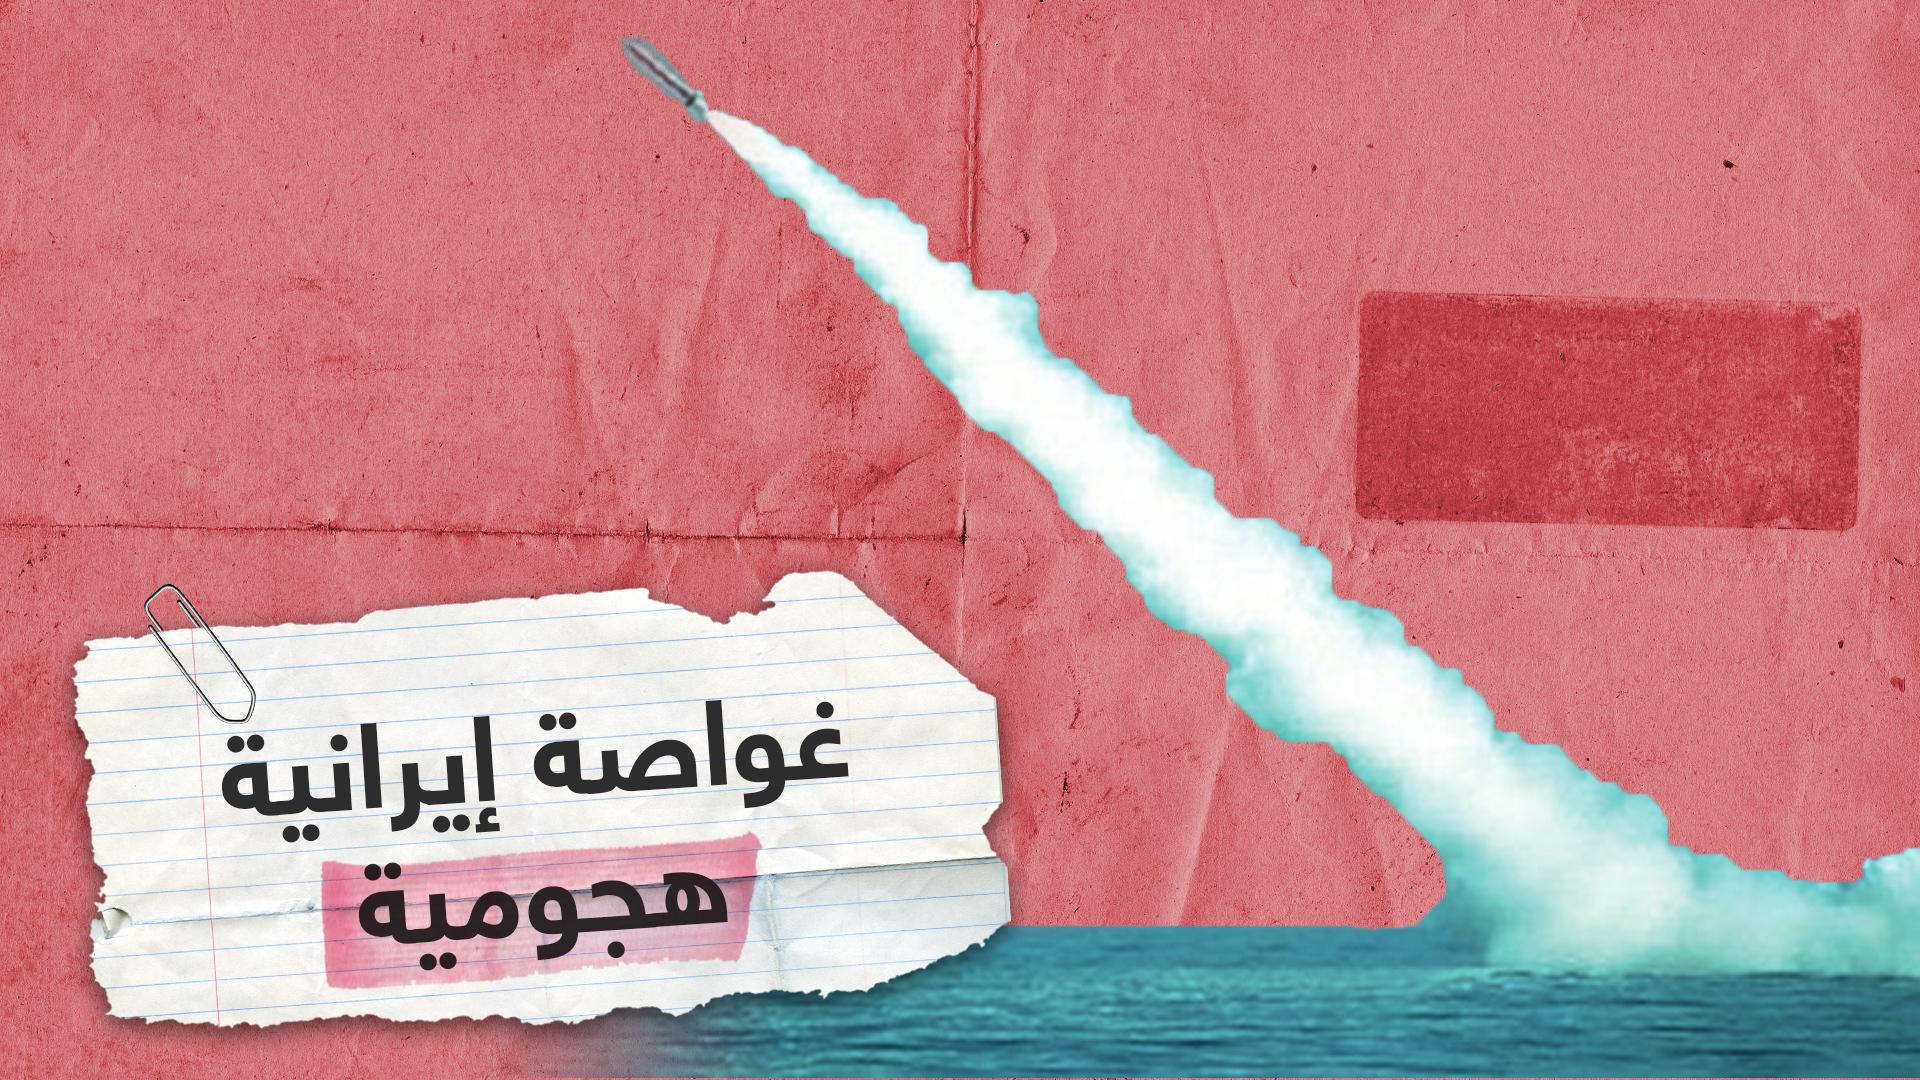 غواصة إيرانية هجومية تطلق صواريخ من تحت الماء